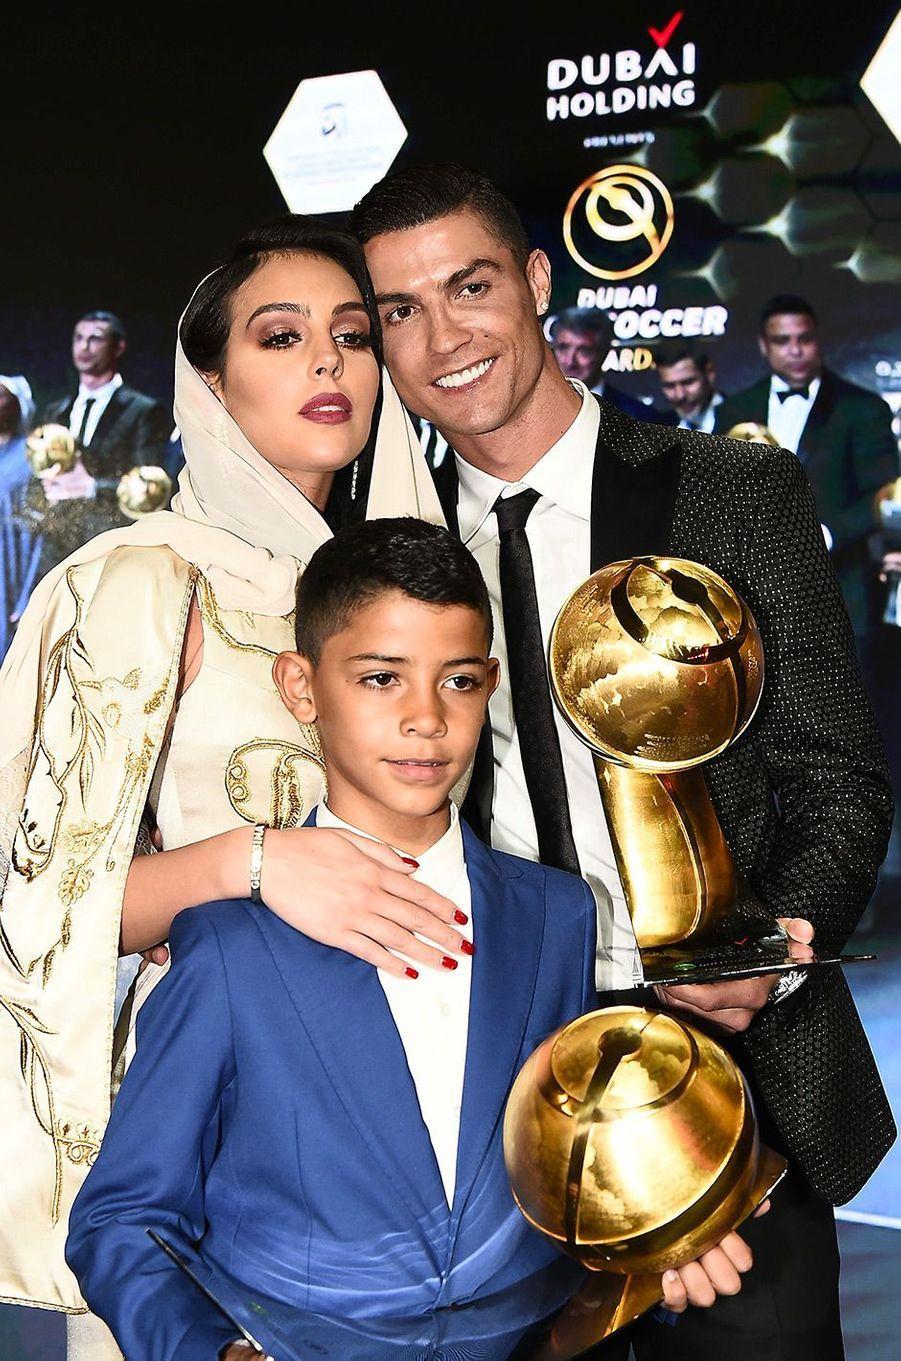 Cristiano Ronaldo élu meilleur joueur de l'année 2018 à Dubaï avec sa compagne Georgina Rodriguez et son fils Cristiano Jr.